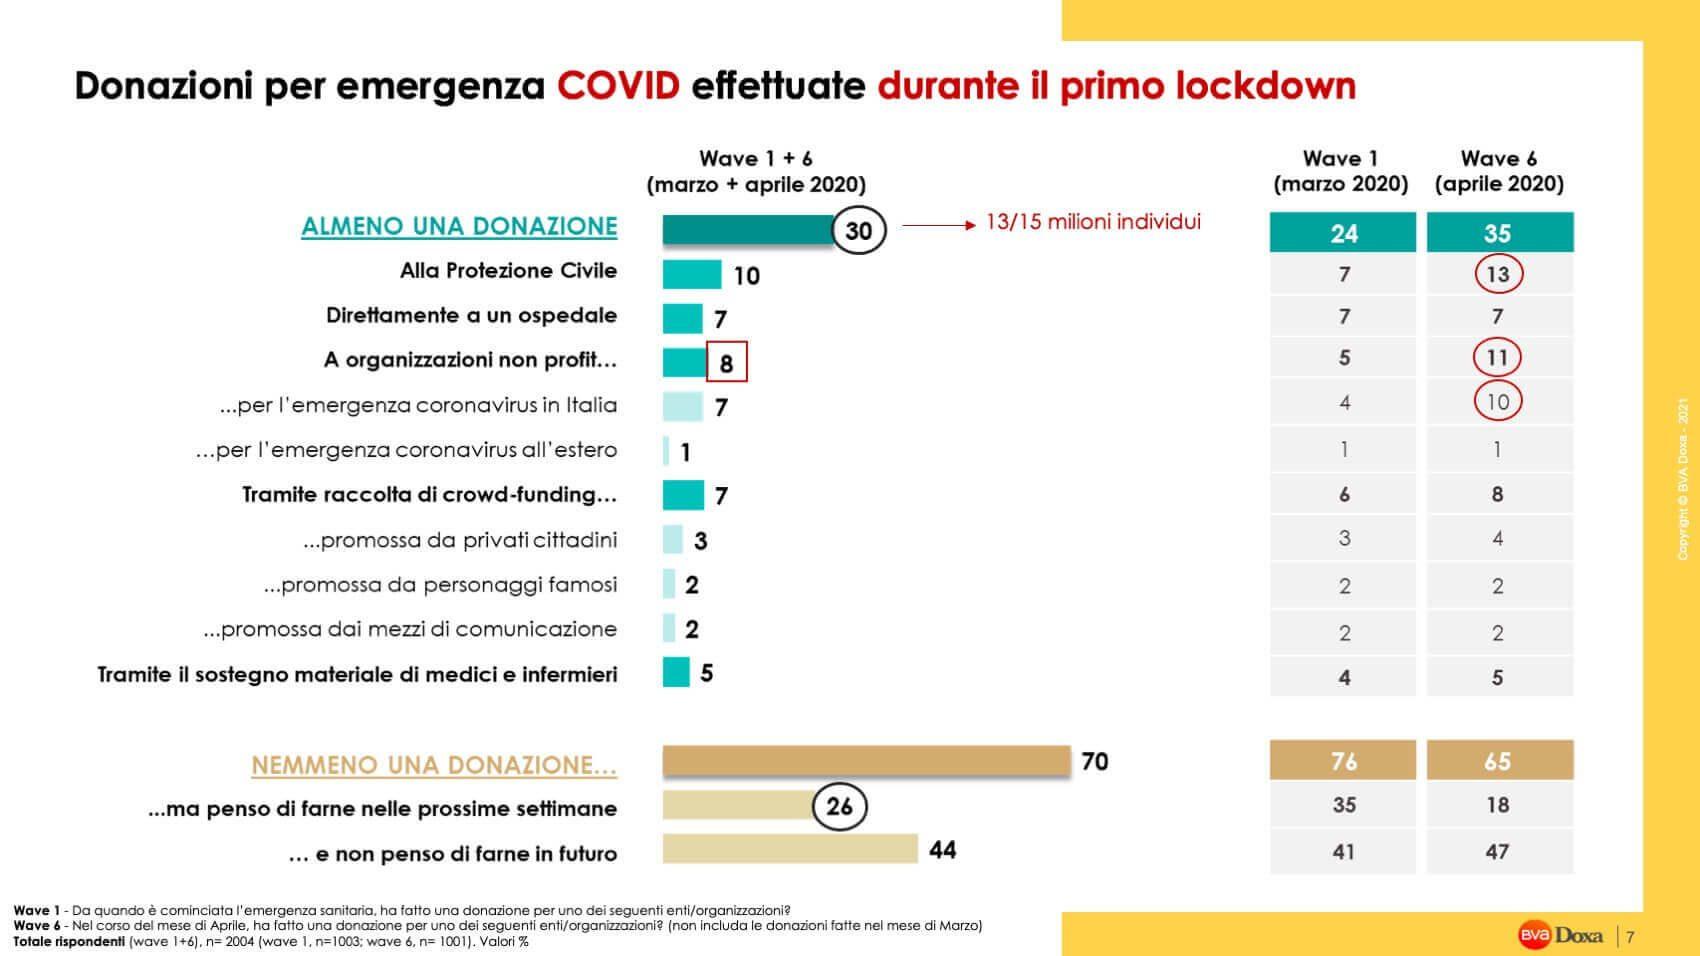 Reda Valeria Emergenza Covid E Onp Sito Doxa Pres 07